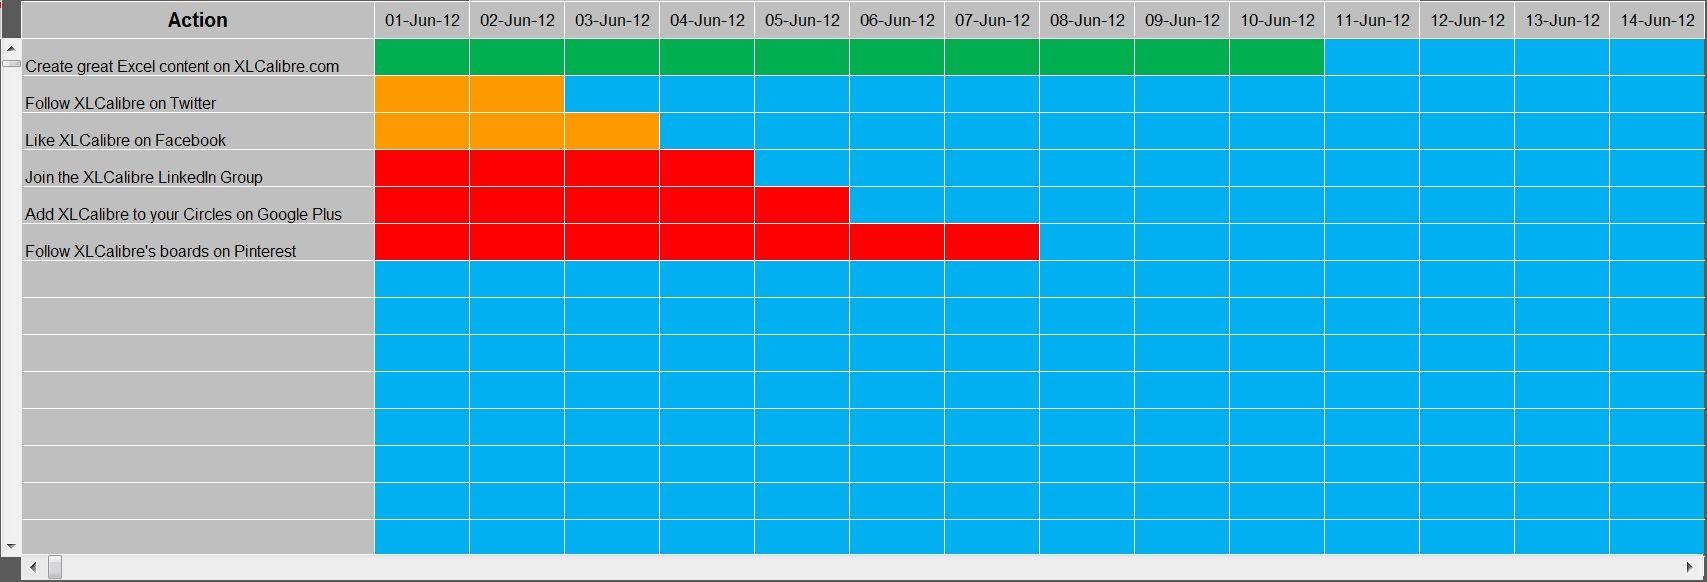 Hr Dashboard Gantt Chart  Traffic Light Report HttpXlcalibre